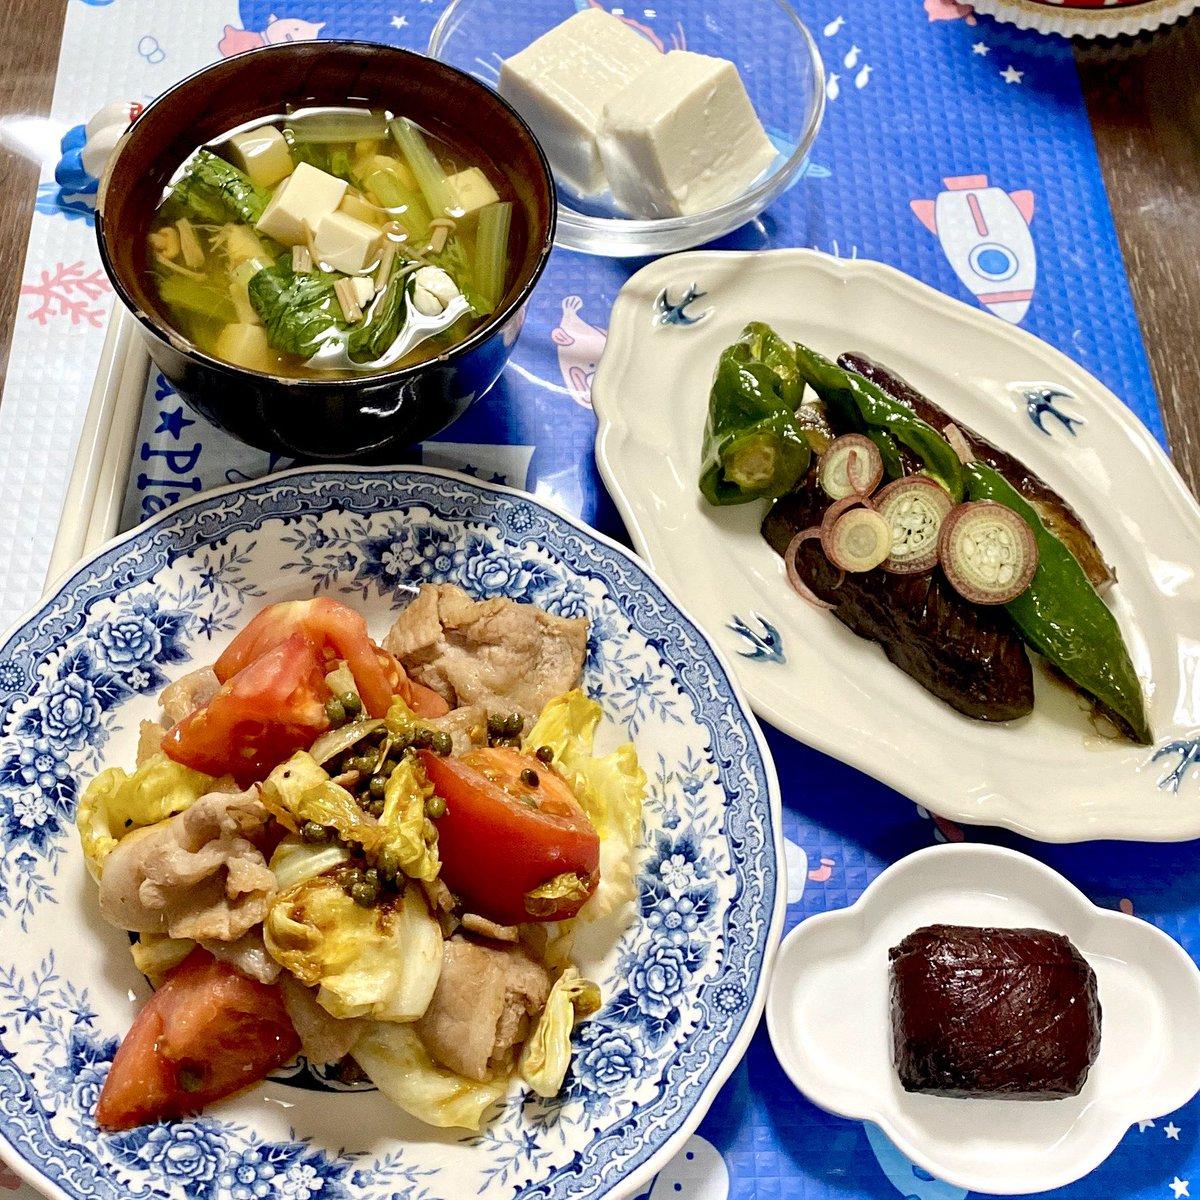 test ツイッターメディア - 🍚本日の晩ごはん🍚 小松菜と豆腐のなめ茸スープ、ごま入り豆腐、キャベツ+豚バラ+トマトの実山椒オイル焼き、長ナスと万願寺とうがらしの甘辛炒め煮、水戸の梅。 #ごはん #いただきます #マリンカのごはん #dinner https://t.co/IDmCgc5Ptq